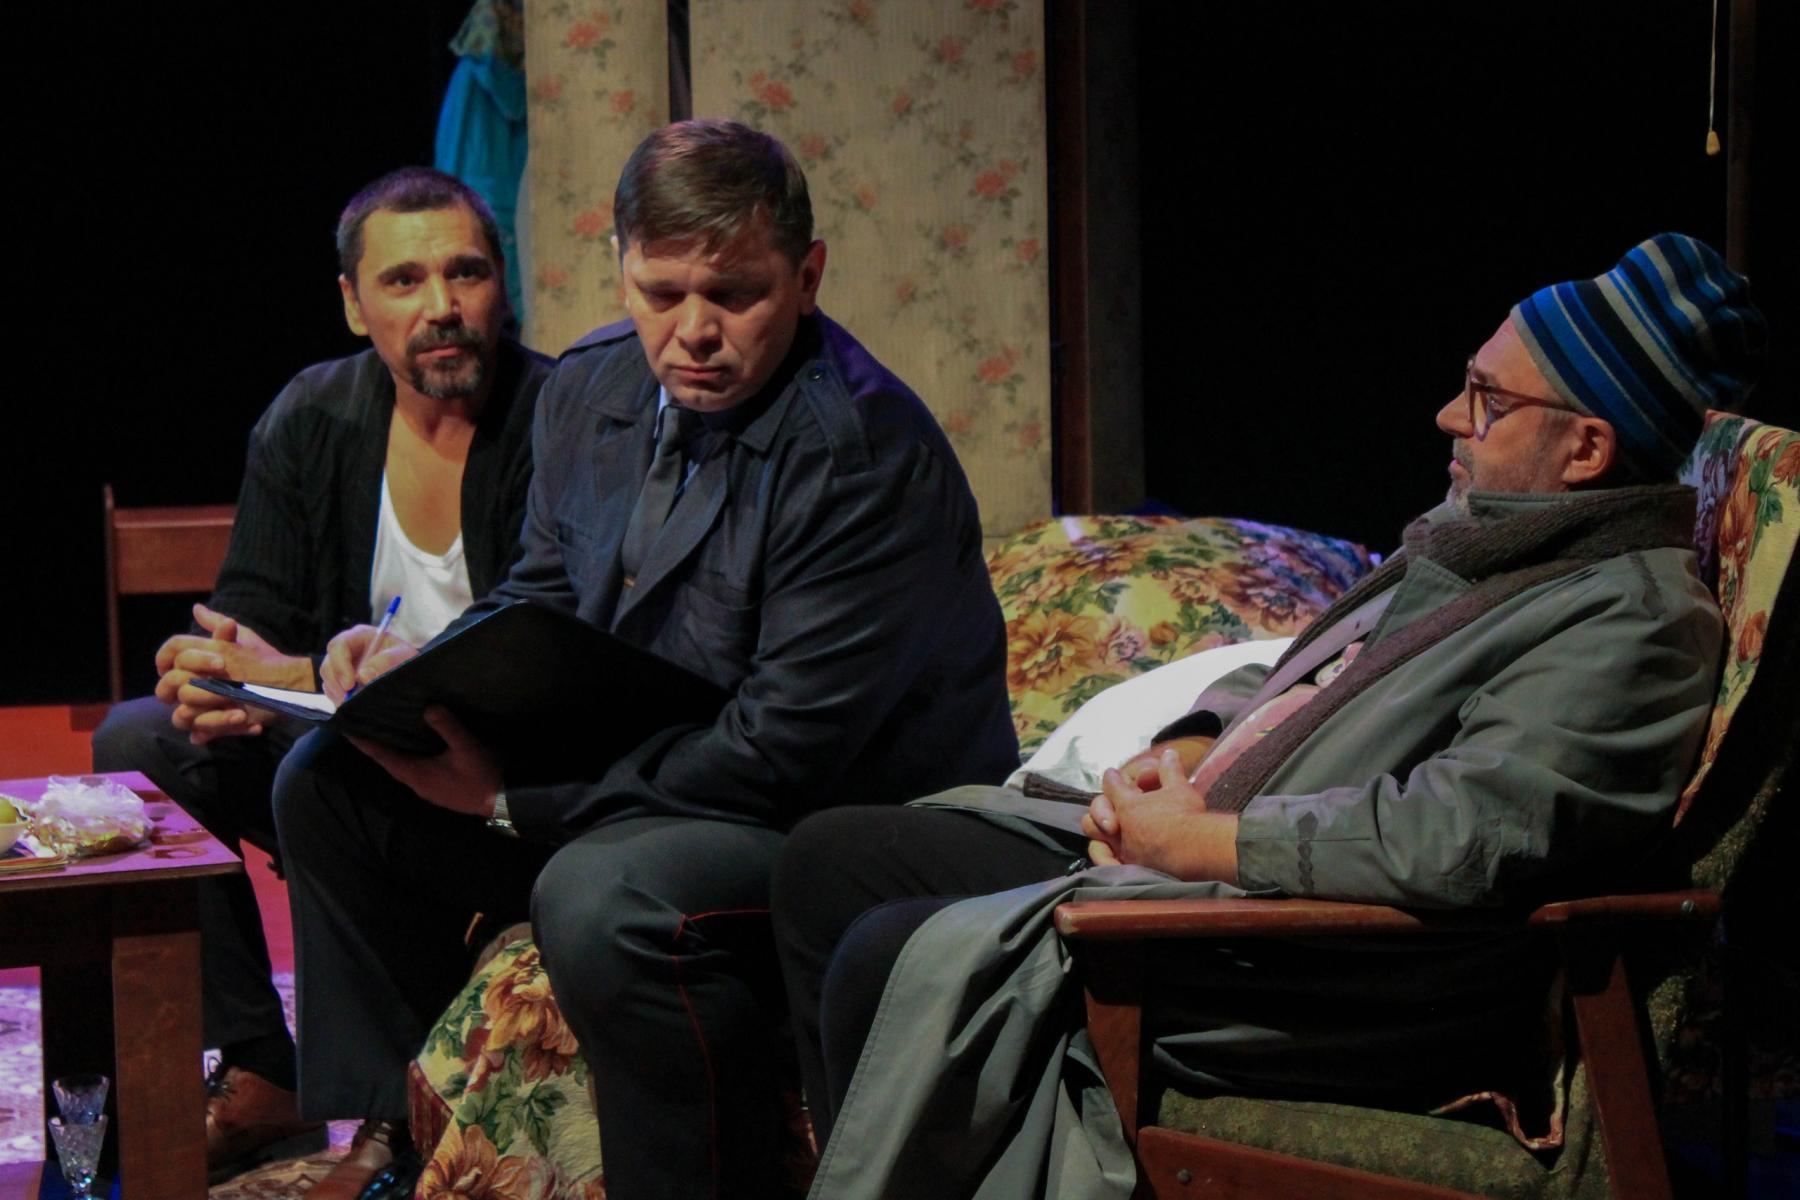 Фото Гудбай, Америка: в новосибирском «Красном факеле» показали спектакль о любви в коммунальной квартире 10